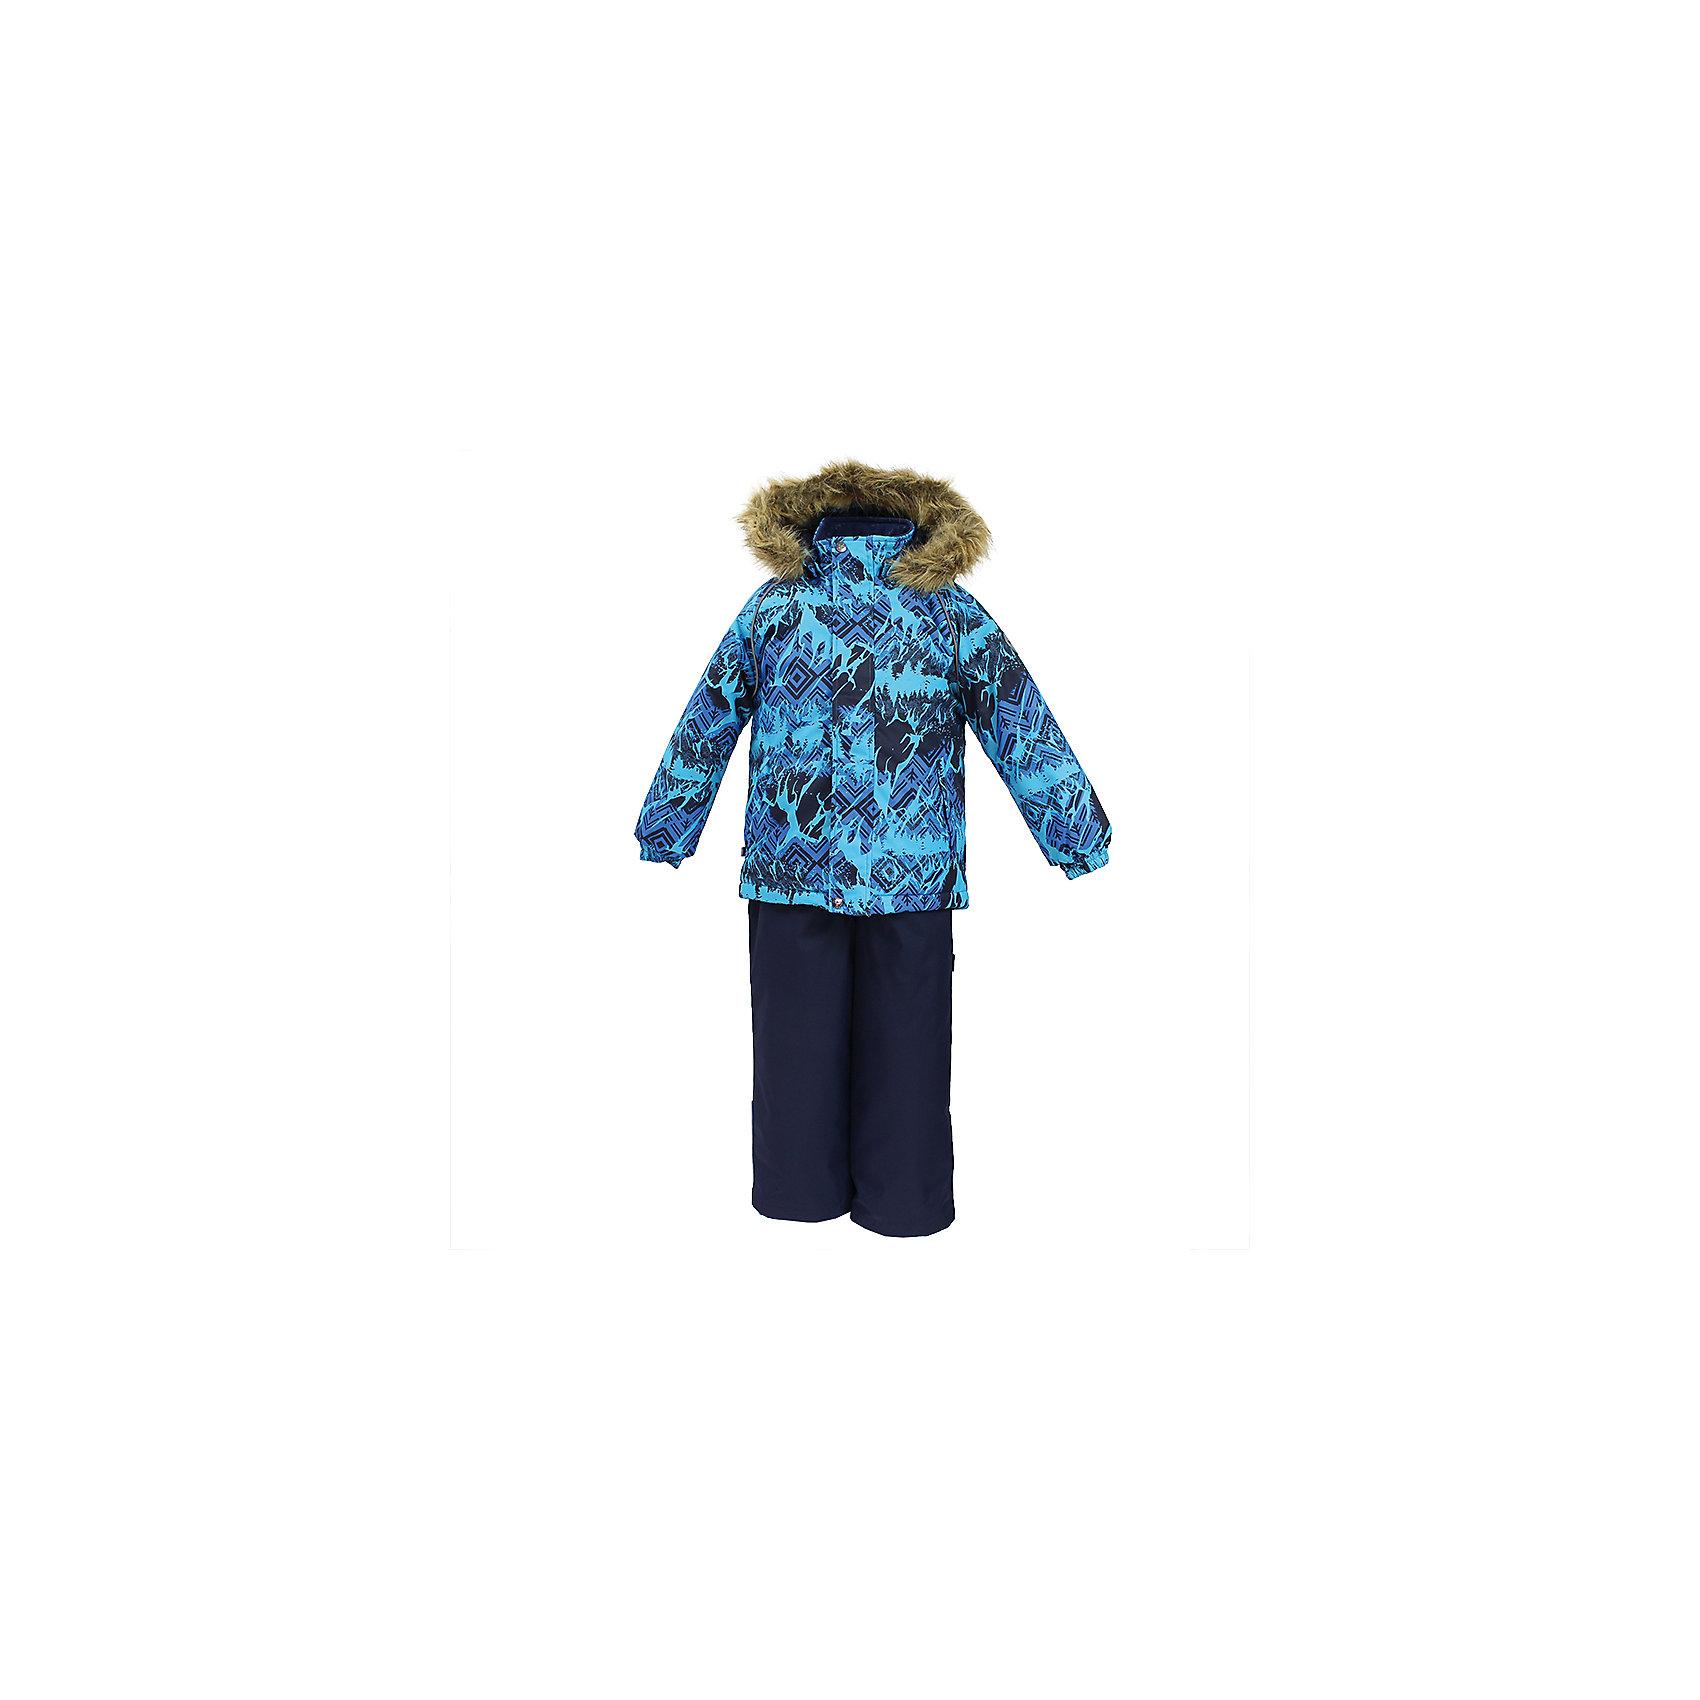 Комплект: куртка и брюки WINTER HuppaКомплекты<br>Характеристики товара:<br><br>• цвет: голубой / синий;<br>• пол: мальчик;<br>• состав: 100% полиэстер;<br>• утеплитель: 300 гр куртка / 160гр полукомбинезон;<br>• подкладка: тафта, флис;<br>• сезон: зима;<br>• температурный режим: от -5 до - 30С;<br>• водонепроницаемость: 10000 мм ;<br>• воздухопроницаемость: 10000 г/м2/24ч;<br>• особенности модели: c рисунком; с мехом на капюшоне;<br>• сидельный шов проклеен и не пропускает влагу;<br>• манжеты рукавов эластичные, на резинках;<br>• низ брюк затягивается на шнурок с фиксатором;<br>• внутренние снегозащитные манжеты на штанинах;<br>• полукомбинезон с высокой грудкой, внутренние швы отсутствуют;<br>• эластичные подтяжки регулируются по длине;<br>• безопасный капюшон крепится на кнопки и, при необходимости, отстегивается;<br>• мех на капюшоне не съемный;<br>• молния с защитным клапаном;<br>• светоотражающие элементы для безопасности ребенка;<br>• страна бренда: Финляндия;<br>• страна изготовитель: Эстония.<br><br>Теплый зимний комплект для мальчиков от 2 до 9 лет. Верхняя мембранная ткань с высокими техническими характеристиками и современный утеплитель надежно защищают от снега и мороза.<br><br>Куртка прямого кроя с удлиненной спинкой и карманами на липучках. Утяжка по низу и планка на молнии исключает поддувание и попадание снега под куртку. Теплый капюшон с меховой опушкой легко отстегивается. Это предотвращает опасные ситуации во время игры, например, если капюшон ребенка за что-то зацепится. Полукомбинезон с высокой спинкой и резинкой на поясе скроены без внутреннего шва, поэтому они более устойчивы к истиранию и проникновению влаги. Задний шов проклеен. Утяжка с фиксатором по нижней части брюк и снежные гетры надежно защищают от попадания снега в обувь. Светоотражающие элементы повышают безопасность ребенка при нахождении на улице при любой видимости и в темное время суток. <br><br>Функциональные элементы: куртка: капюшон отстегивается, искусственный мех на капюшон